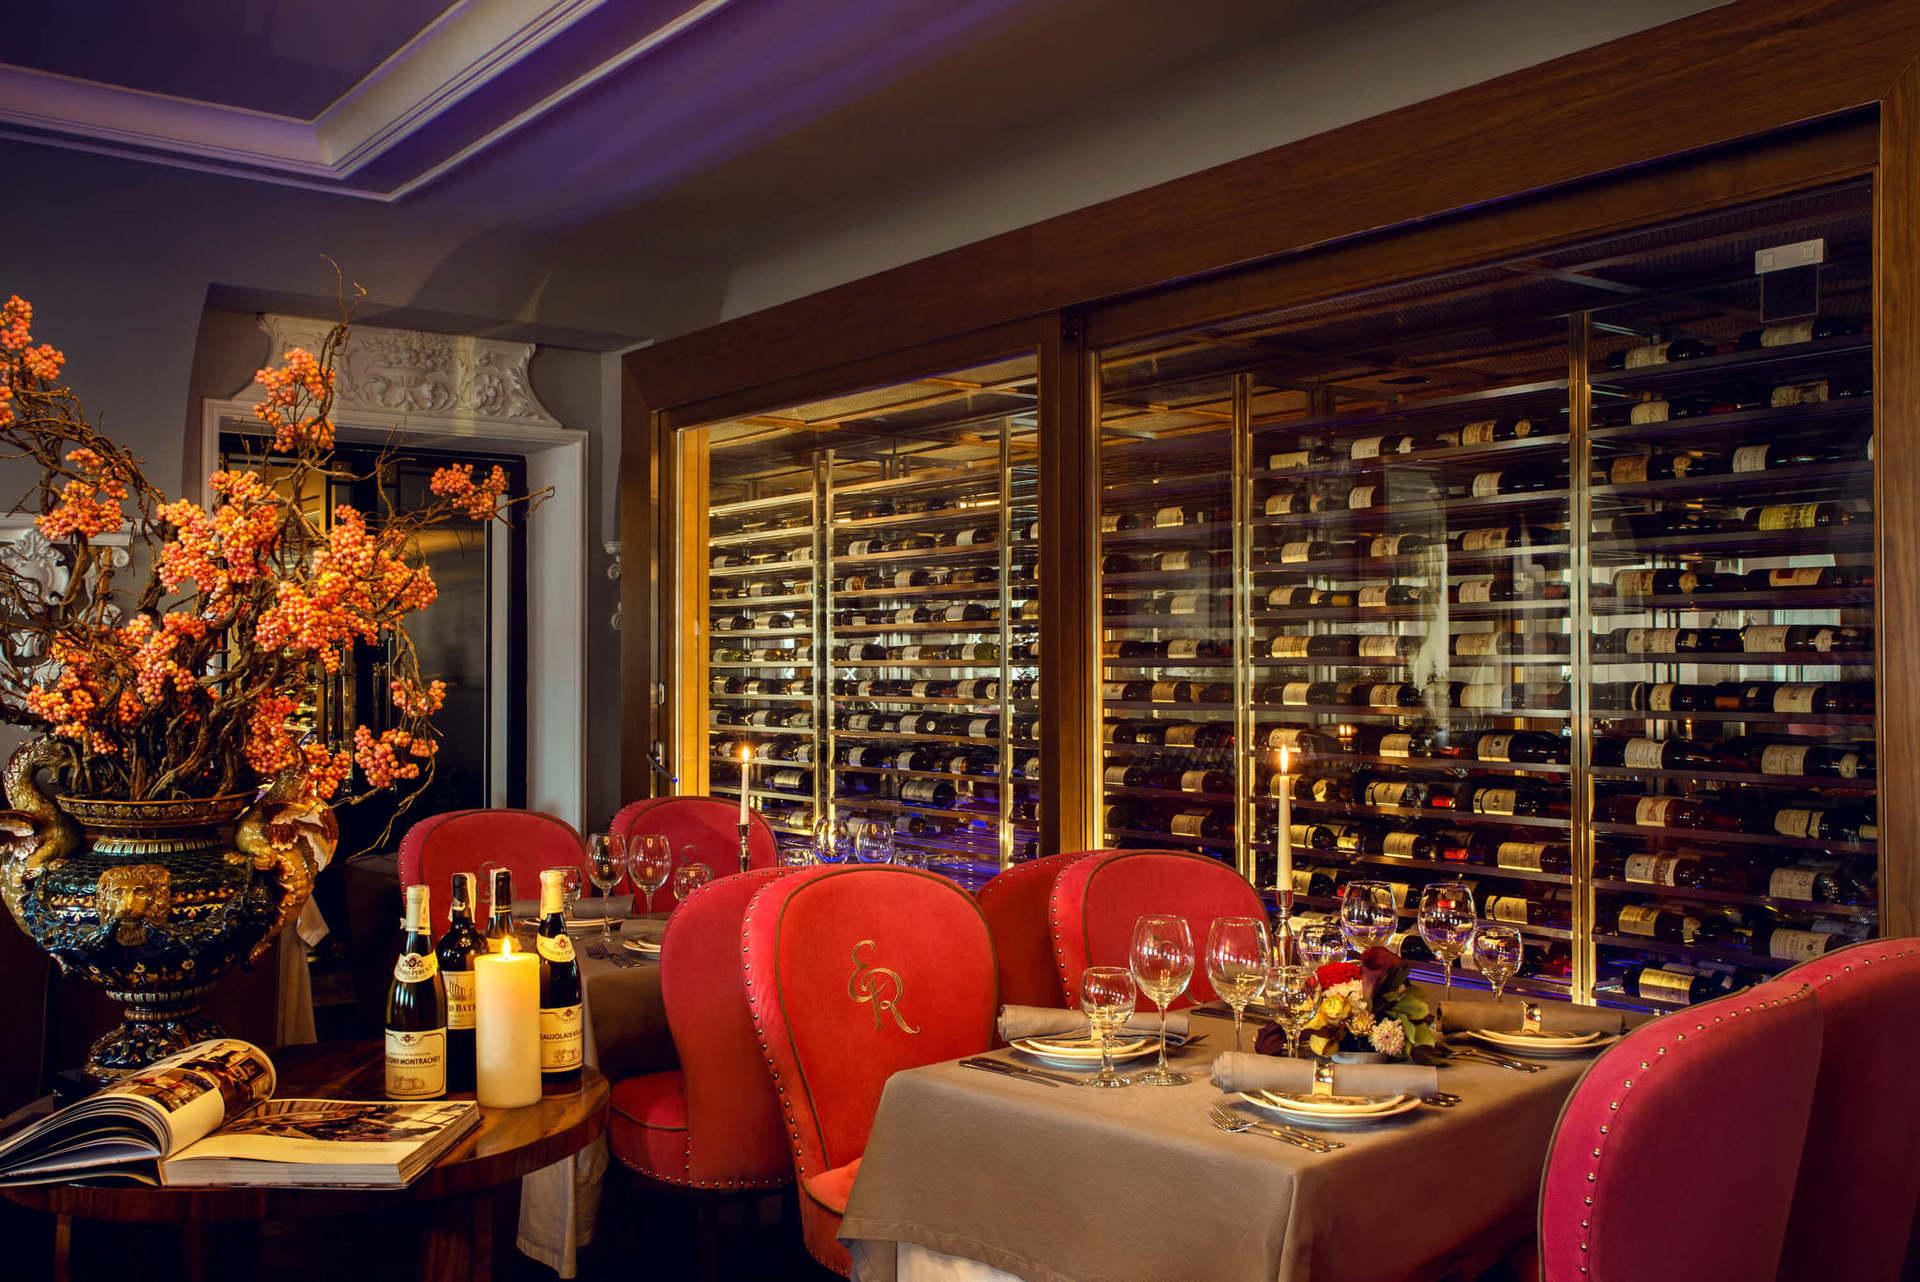 """У 2018 році ресторан DeVine отримав міжнародну нагороду """"2 келихи"""" від американського спеціалізованого видання Wine Spectator. А перші вина з місцевих виноградників отримали чимало престижних нагород."""